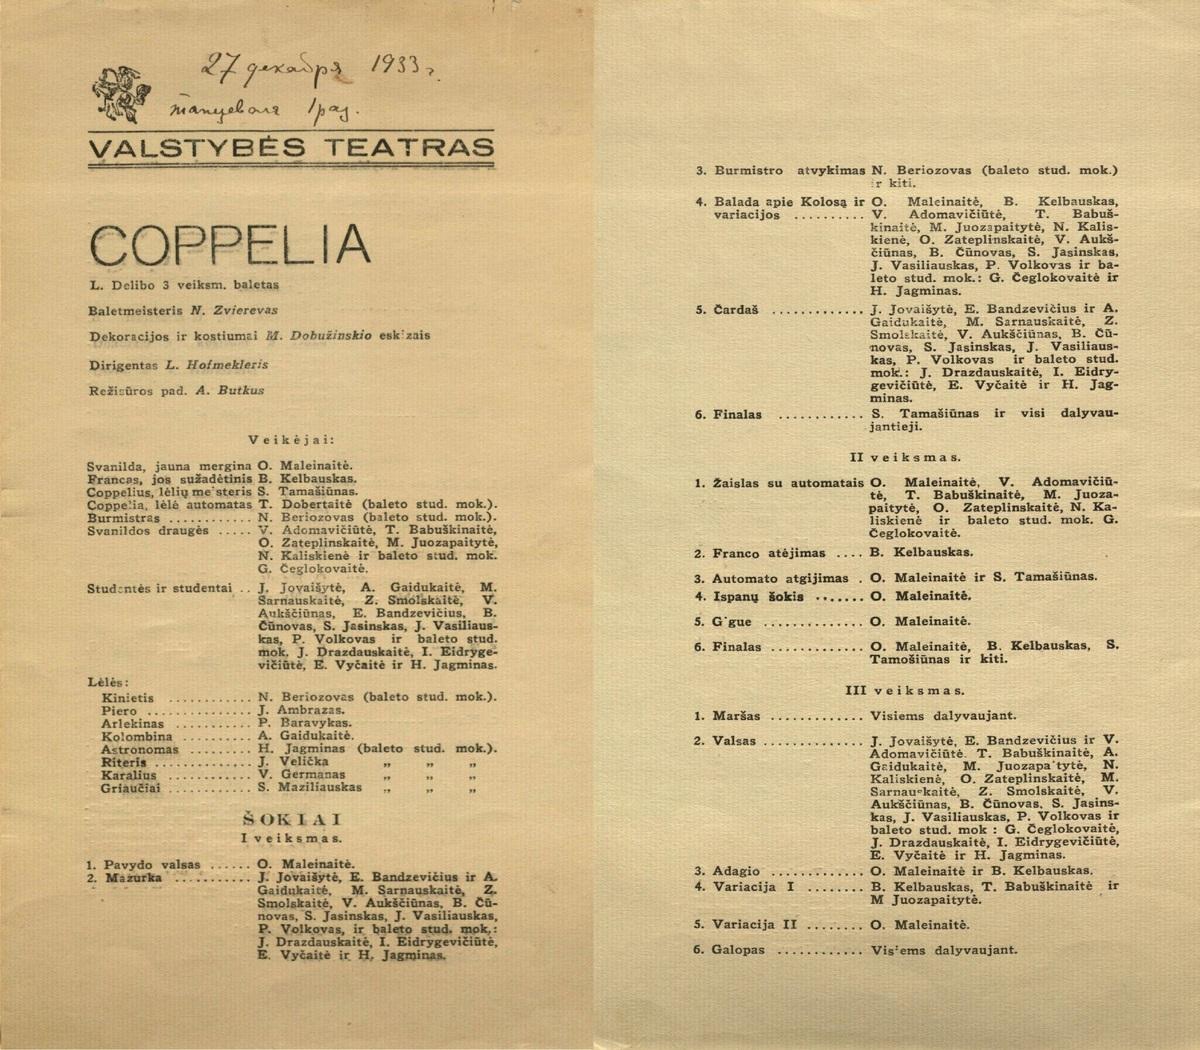 Coppelia : Léo Delibes. 3 veiksmų baletas. [Programa]. 1933 m.